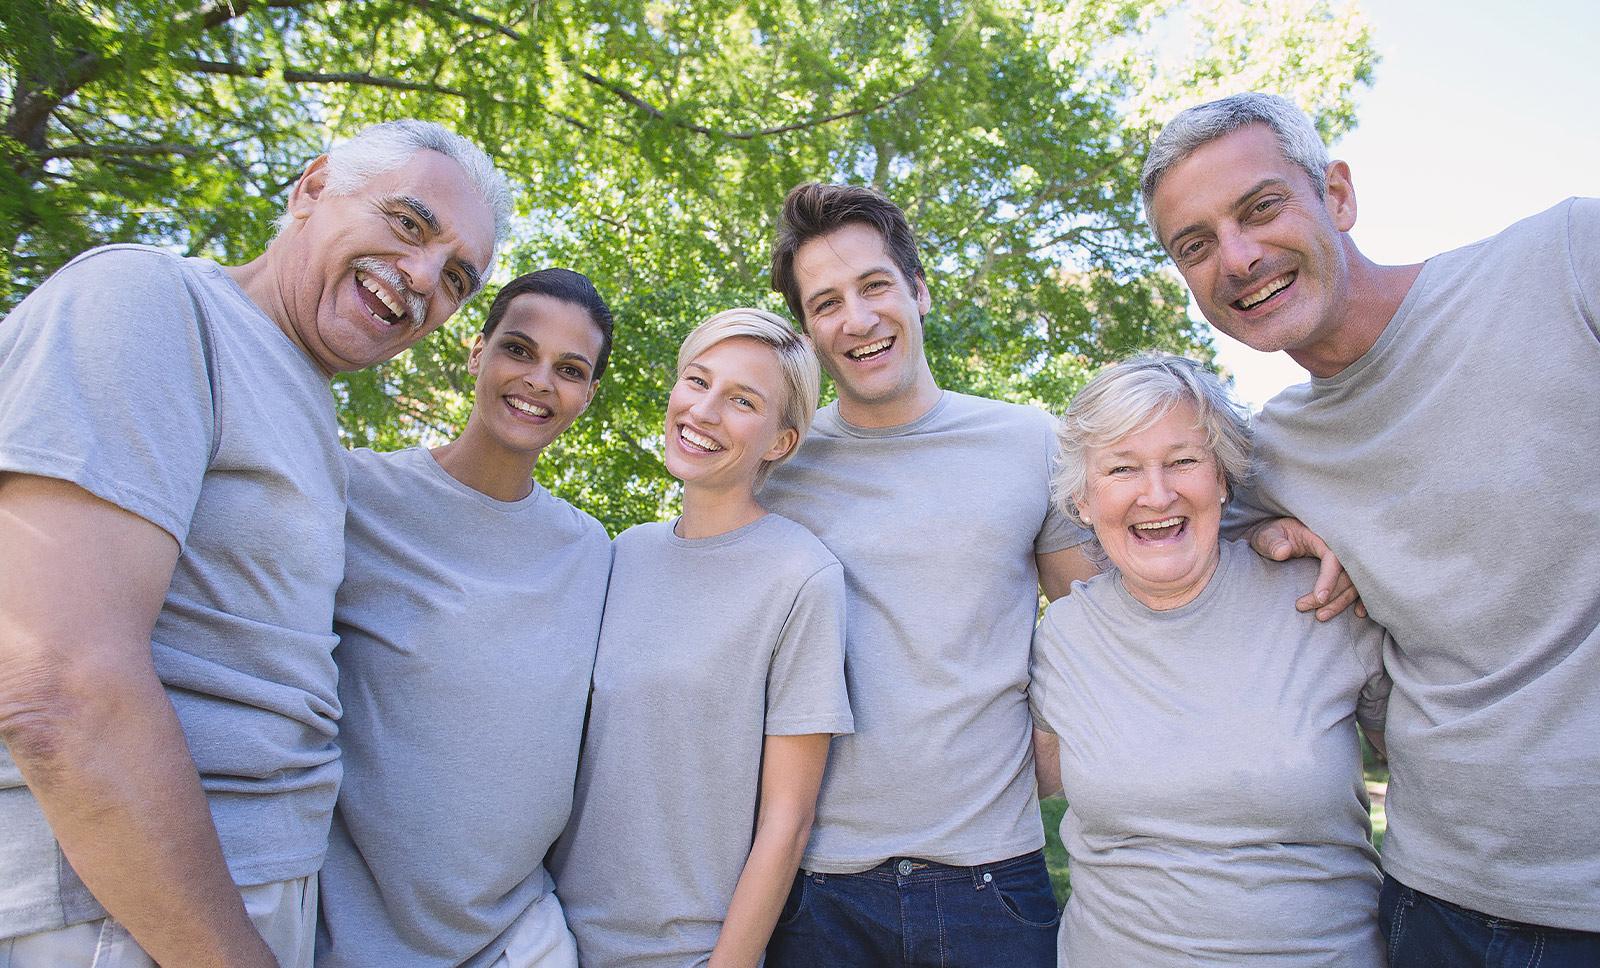 Freiwilligendienst aller Generationen